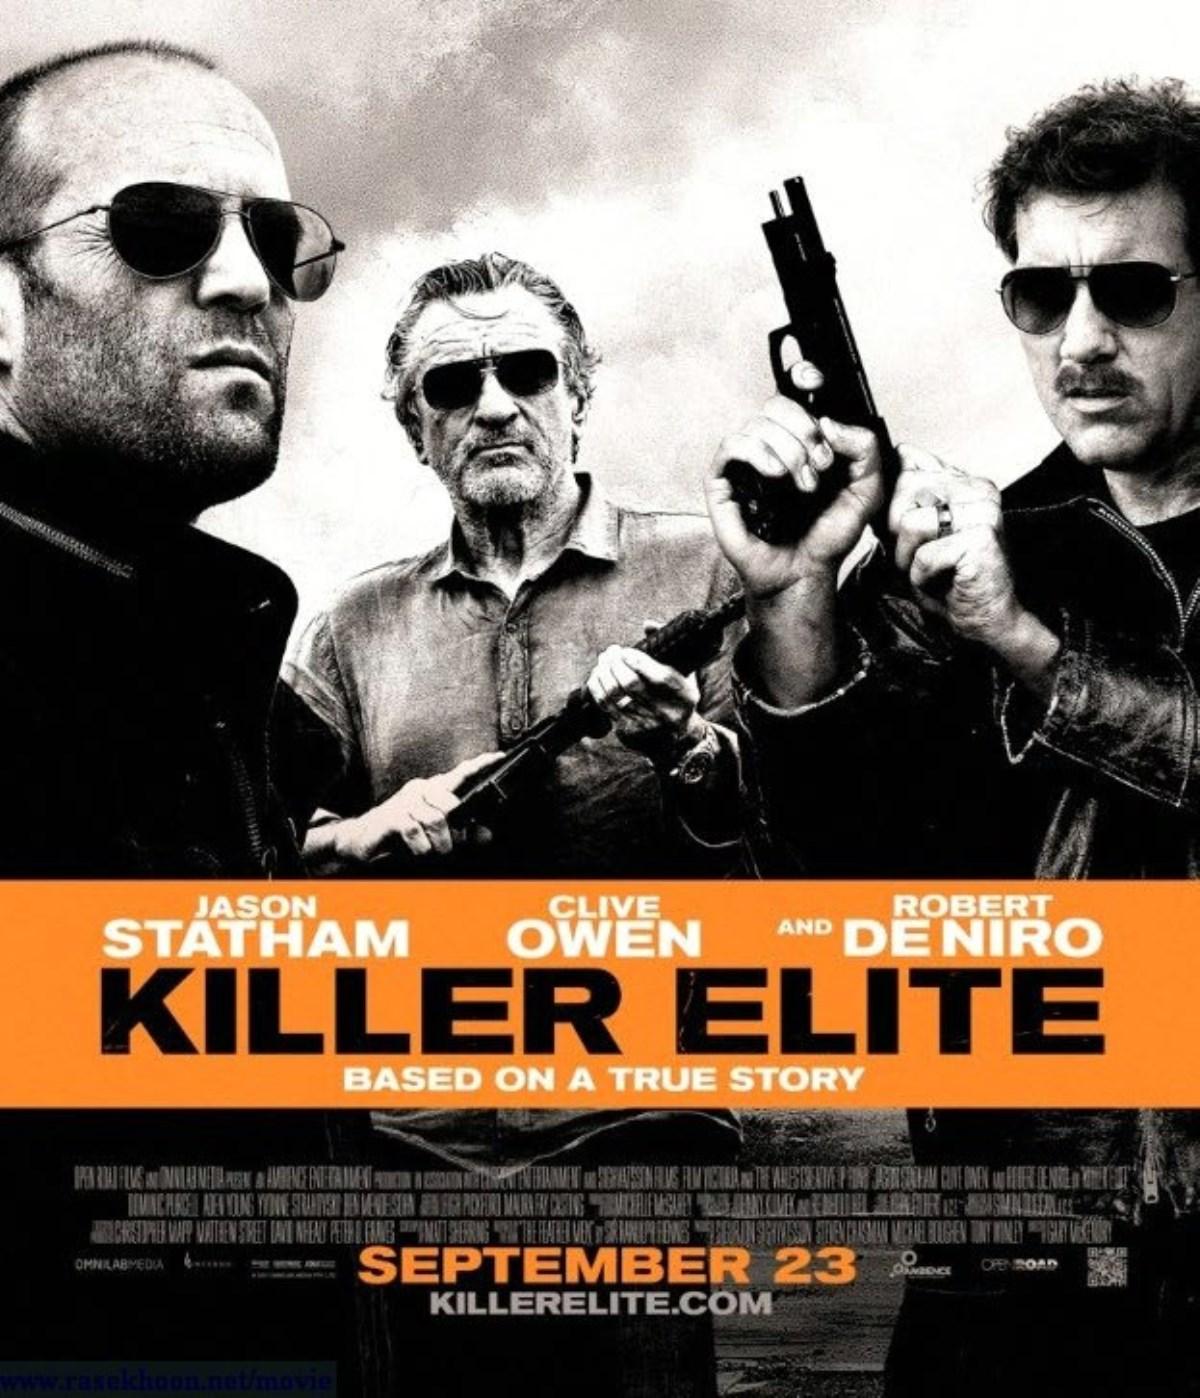 قاتلان بزرگ (Killer Elite)